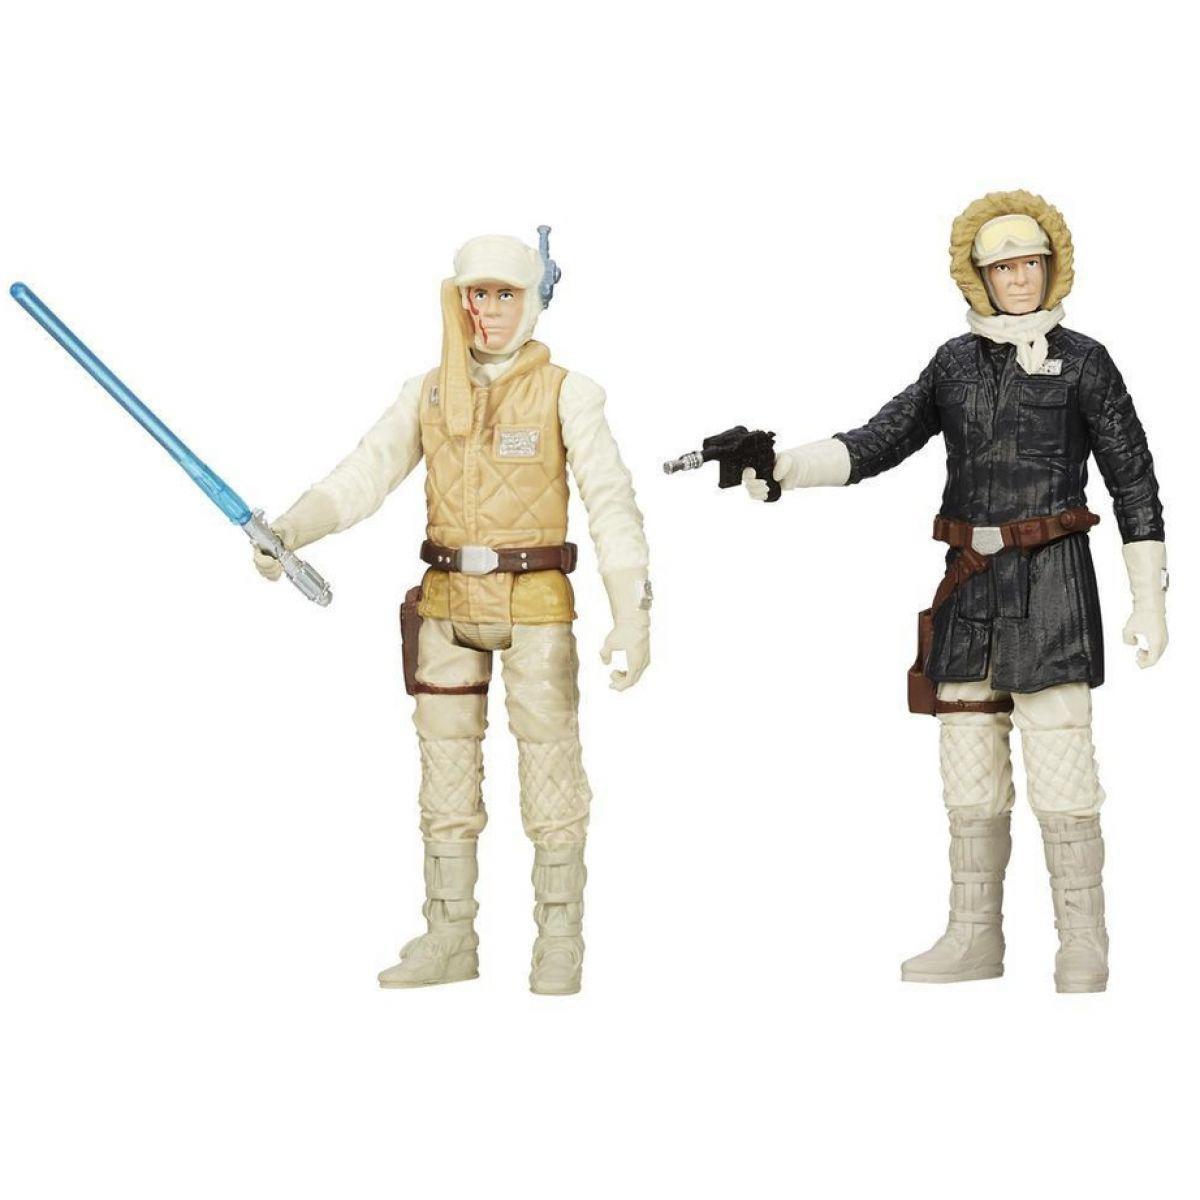 Звездные войны Фигурки для особых миссий Люк Скайуокер и Хан Соло. Оригинал Hasbro B0129/A5228